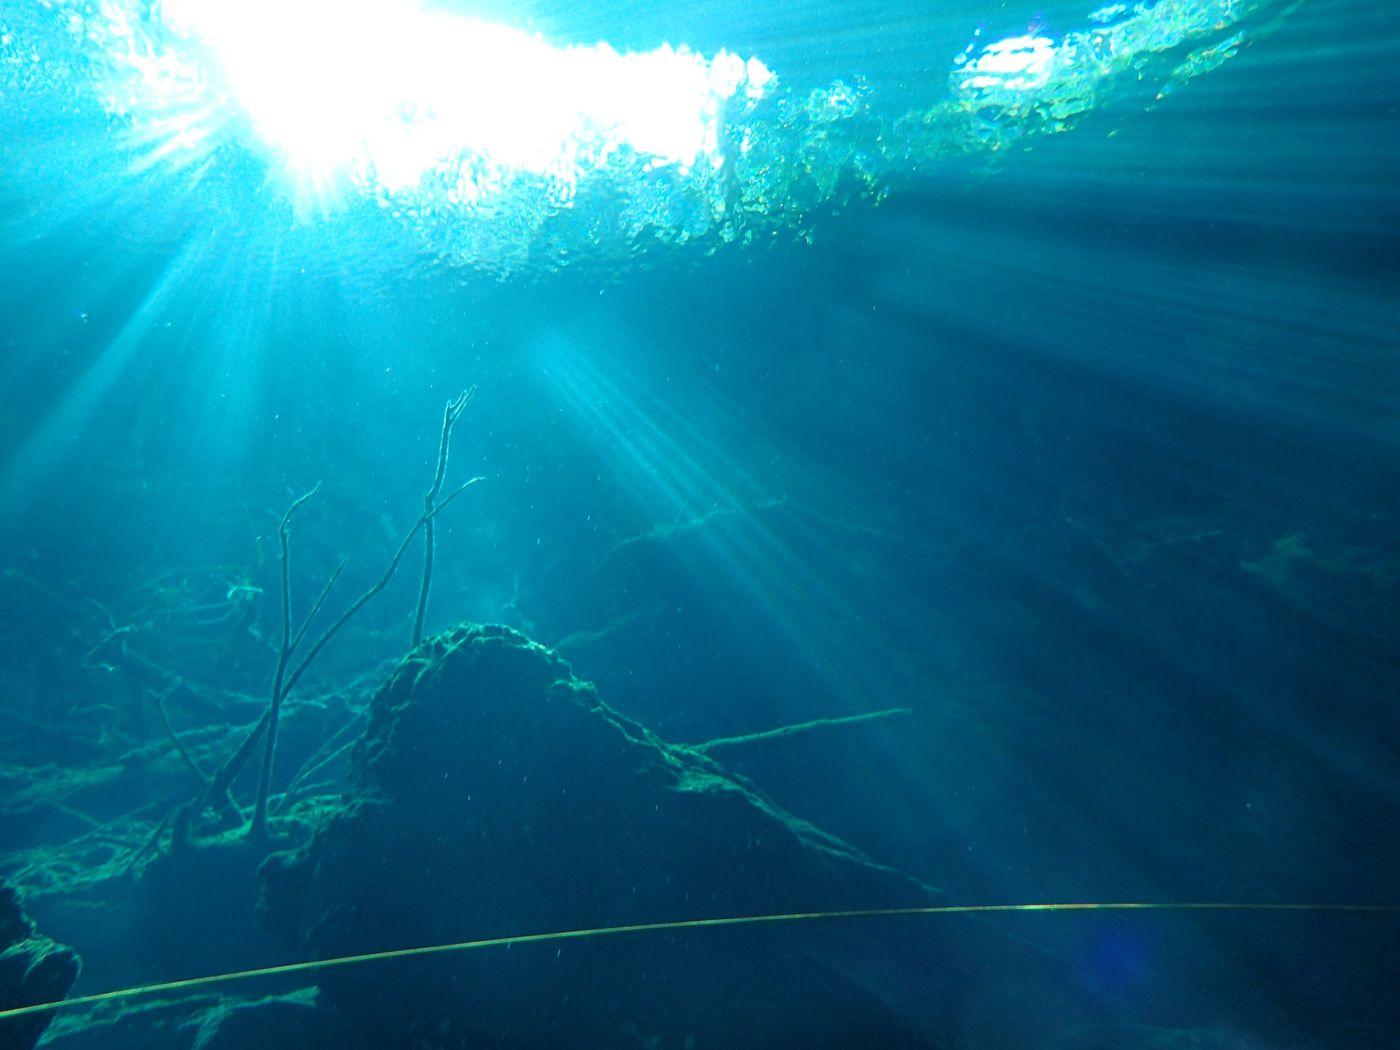 光のカーテンの絶景!美しいメキシコのセノーテをご紹介の画像